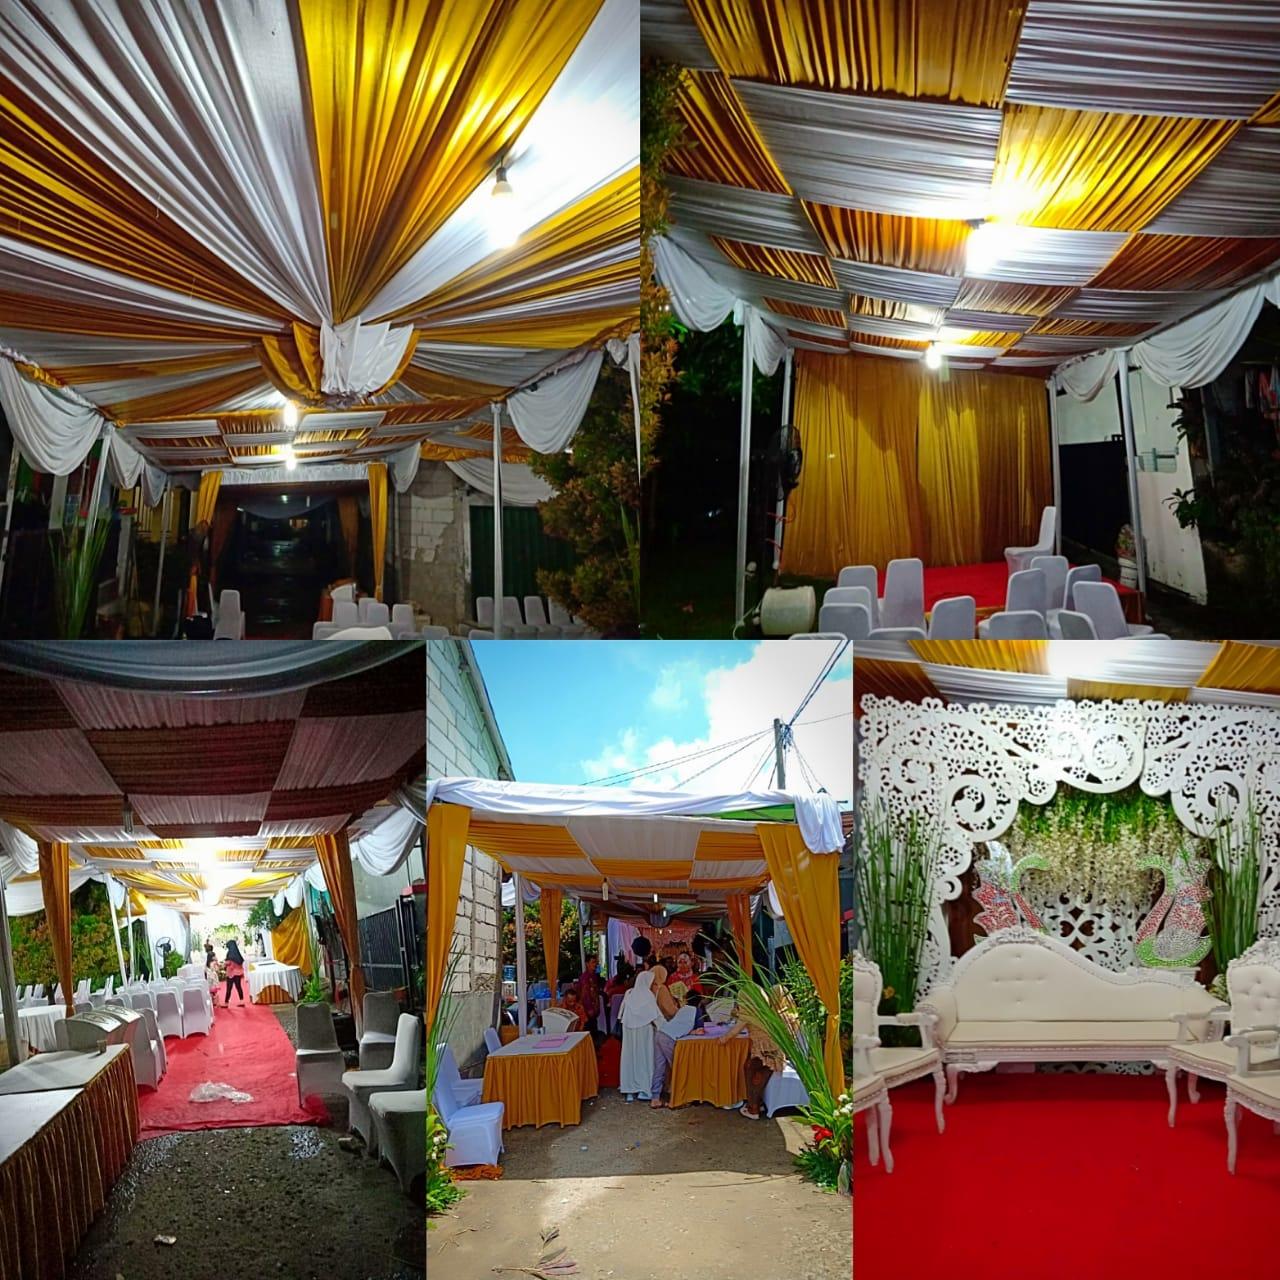 Sewa Tenda Dekorasi Murah Medan satria Bekasi